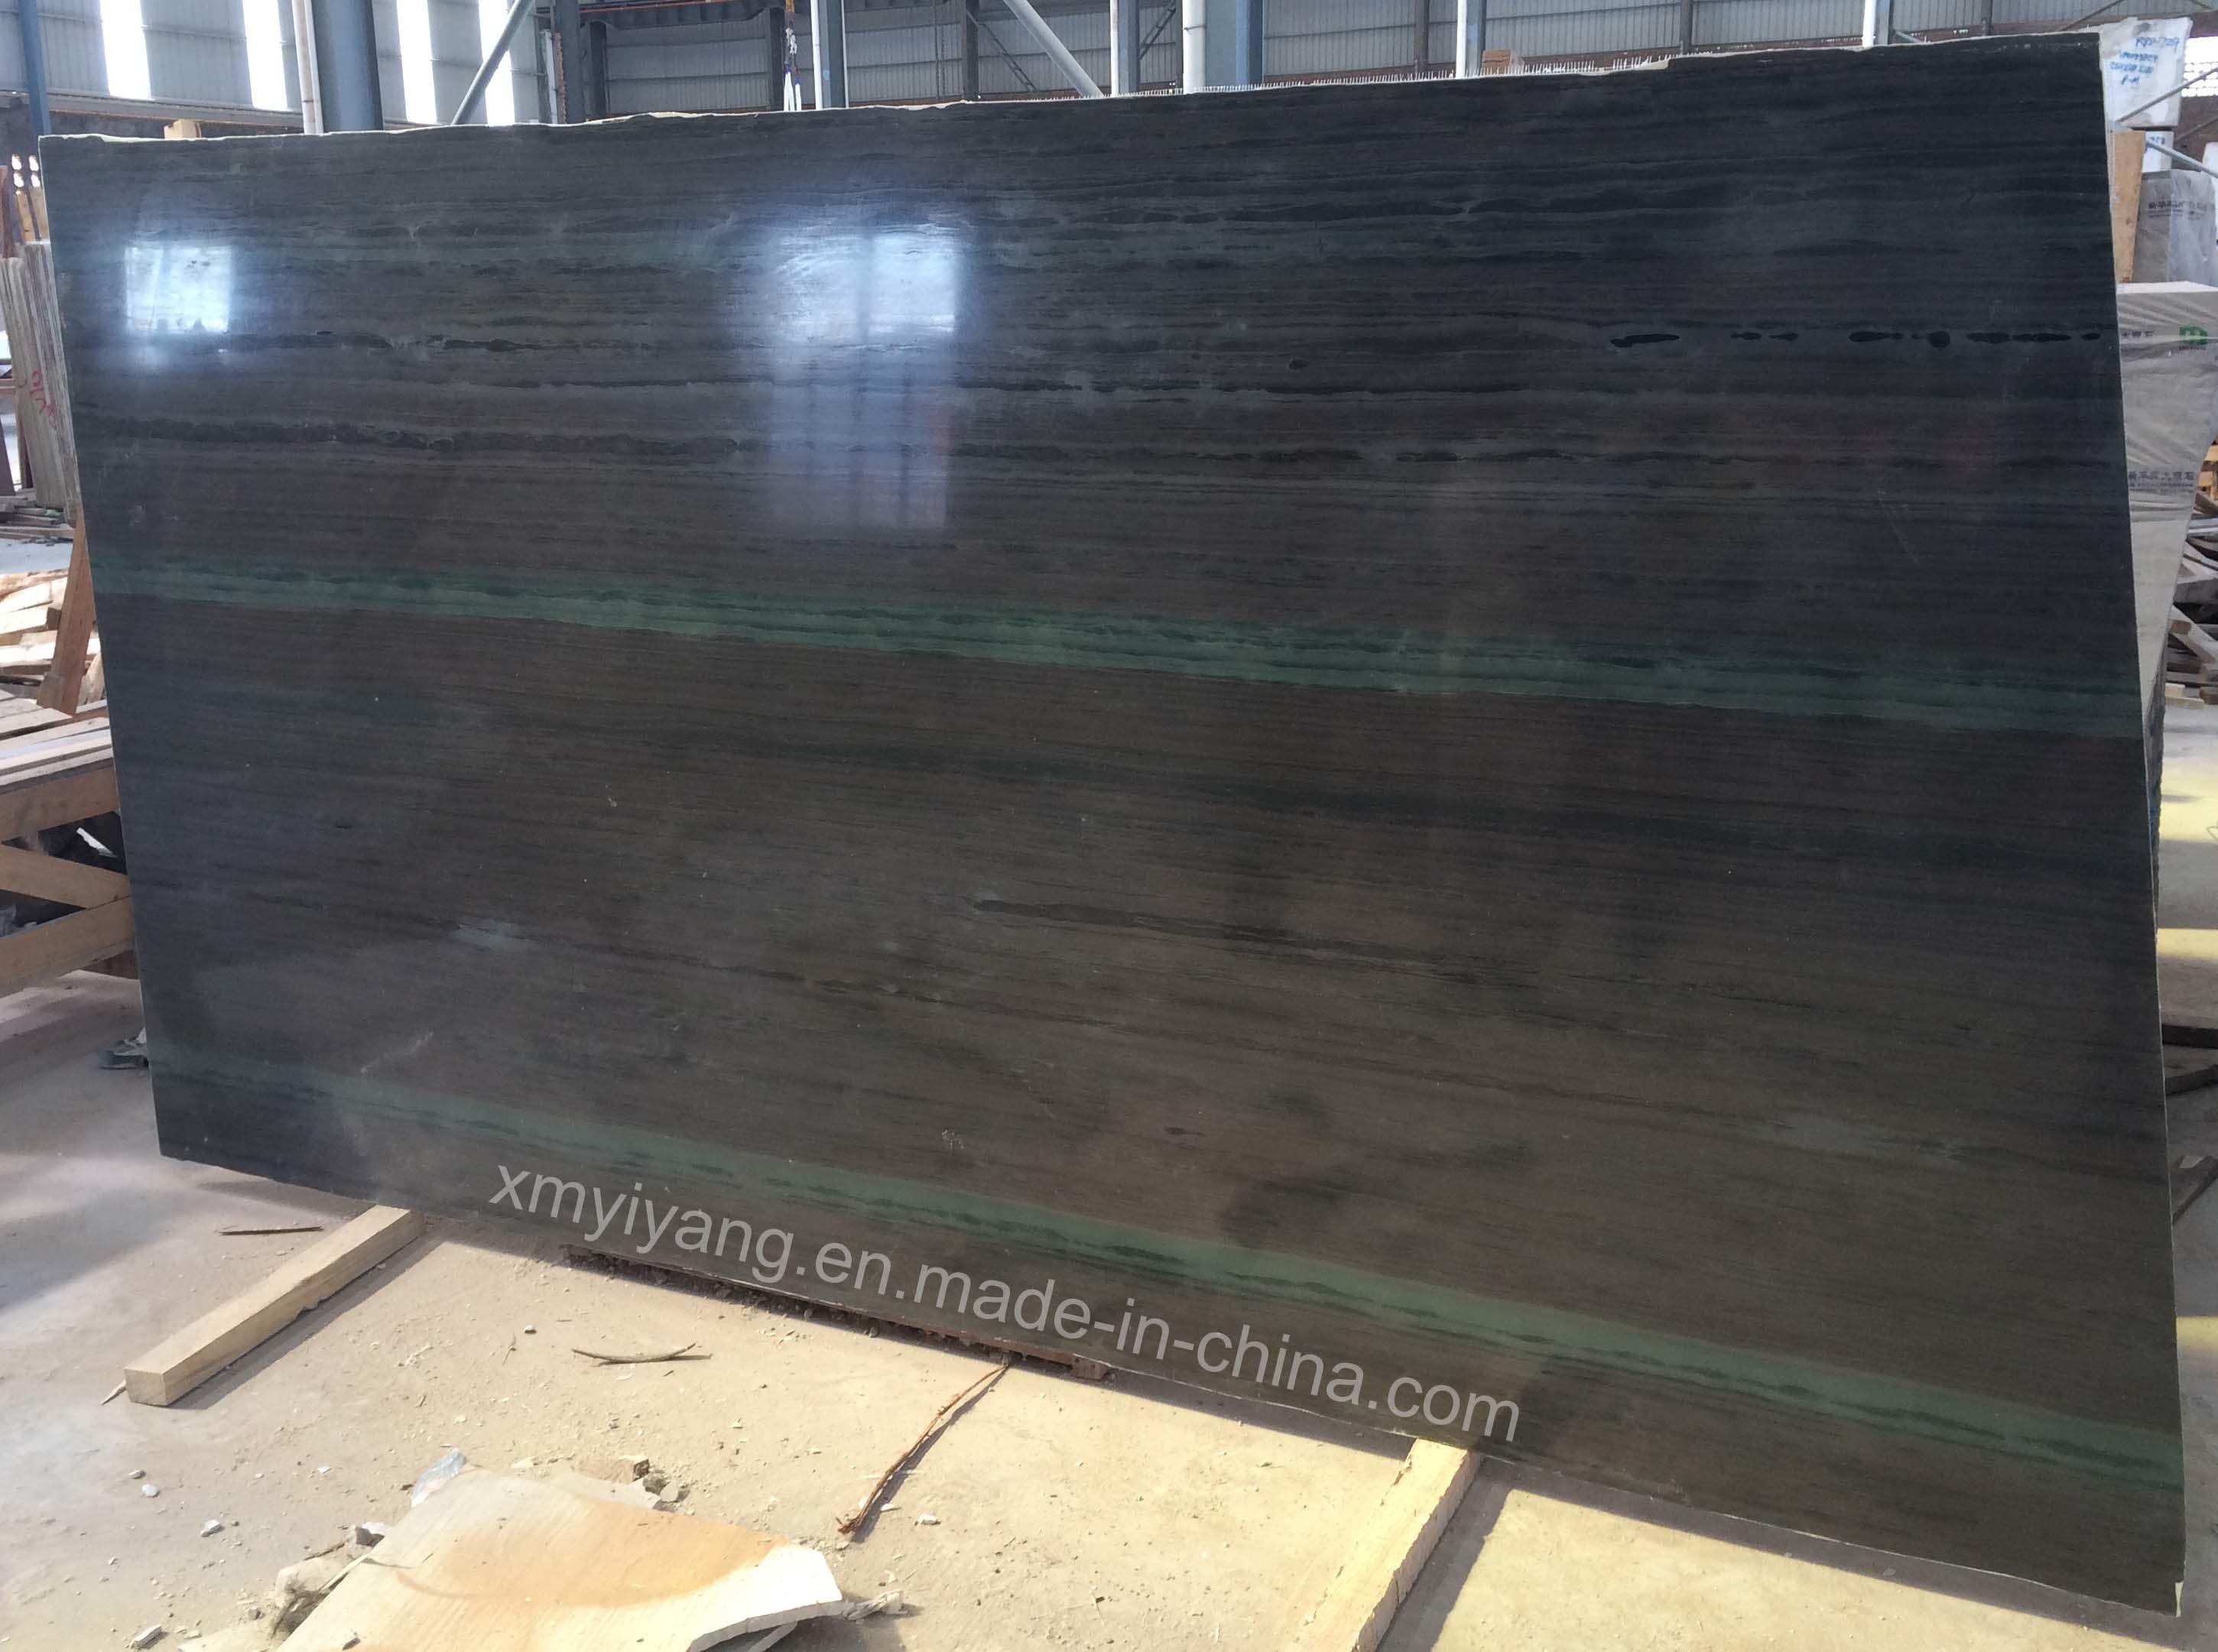 Losas de madera m rmol p rpuras del grano de frica yy for Densidad del marmol